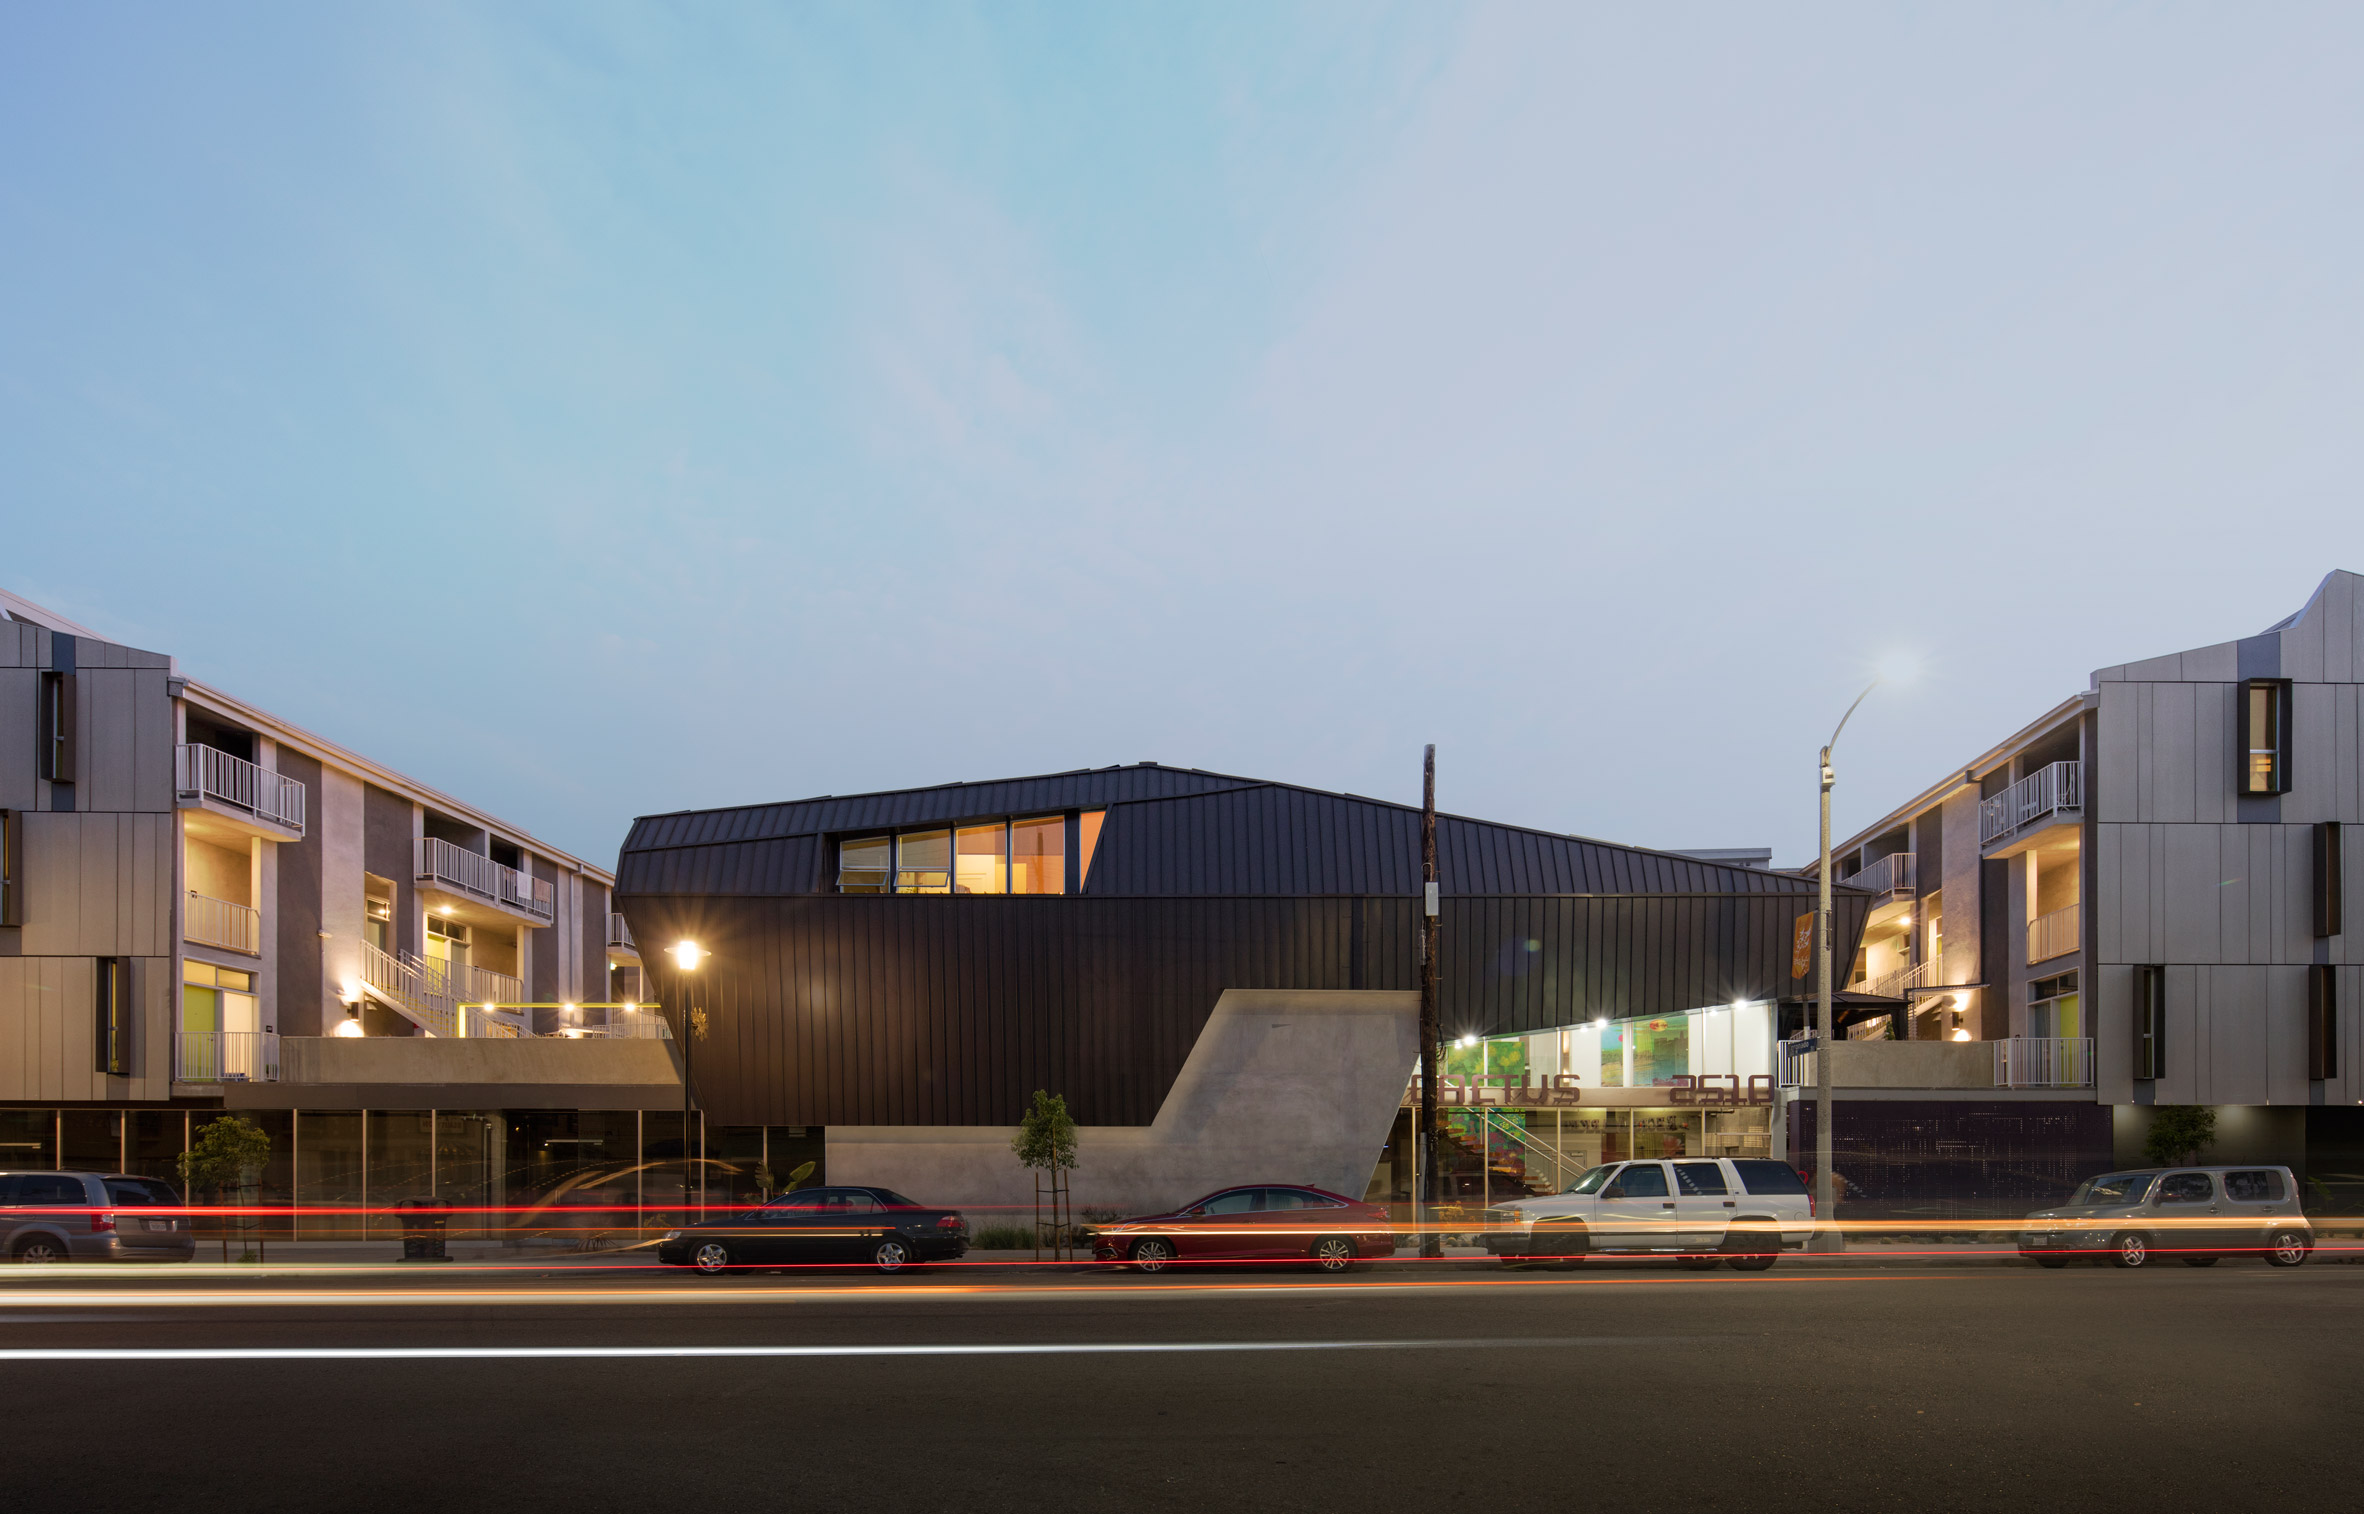 Tighe Architecture creates sculptural grey apartment building for LA's Filipinotown